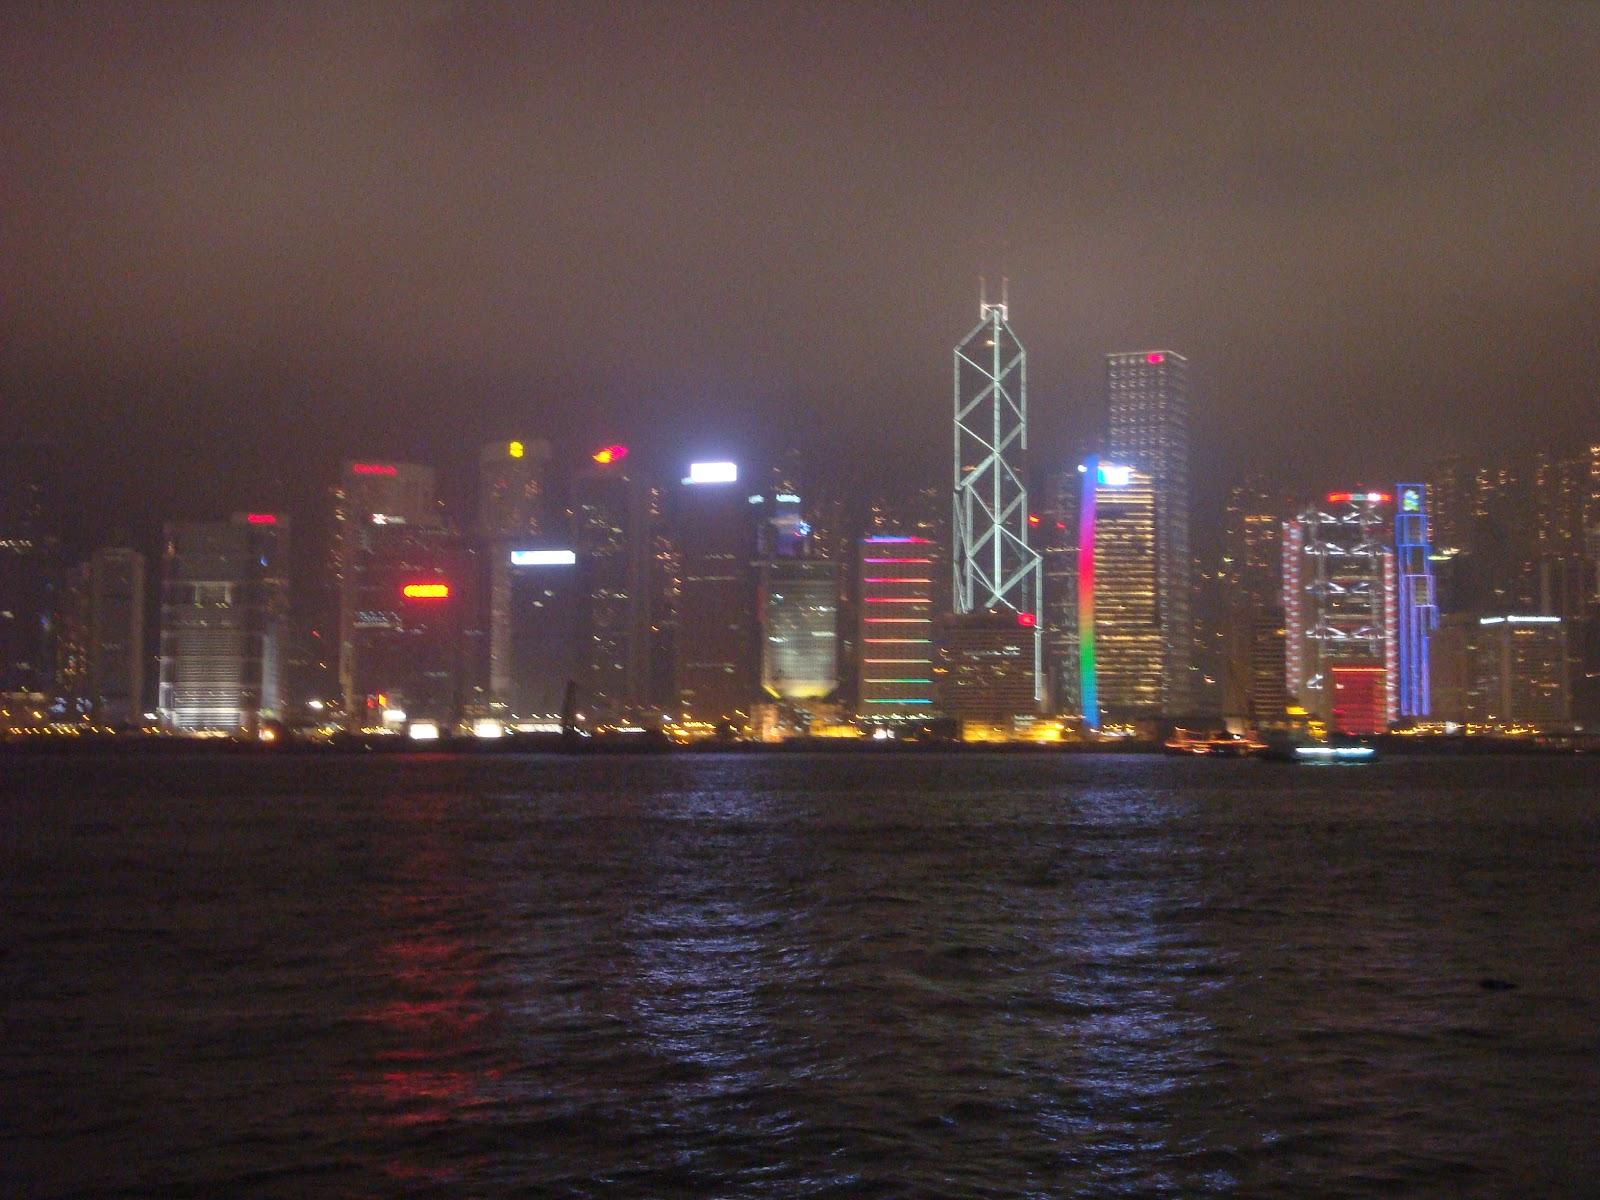 d18e5d8ebd1f Always on my mind... from my trip to The Future City Hong Kong in April  2009